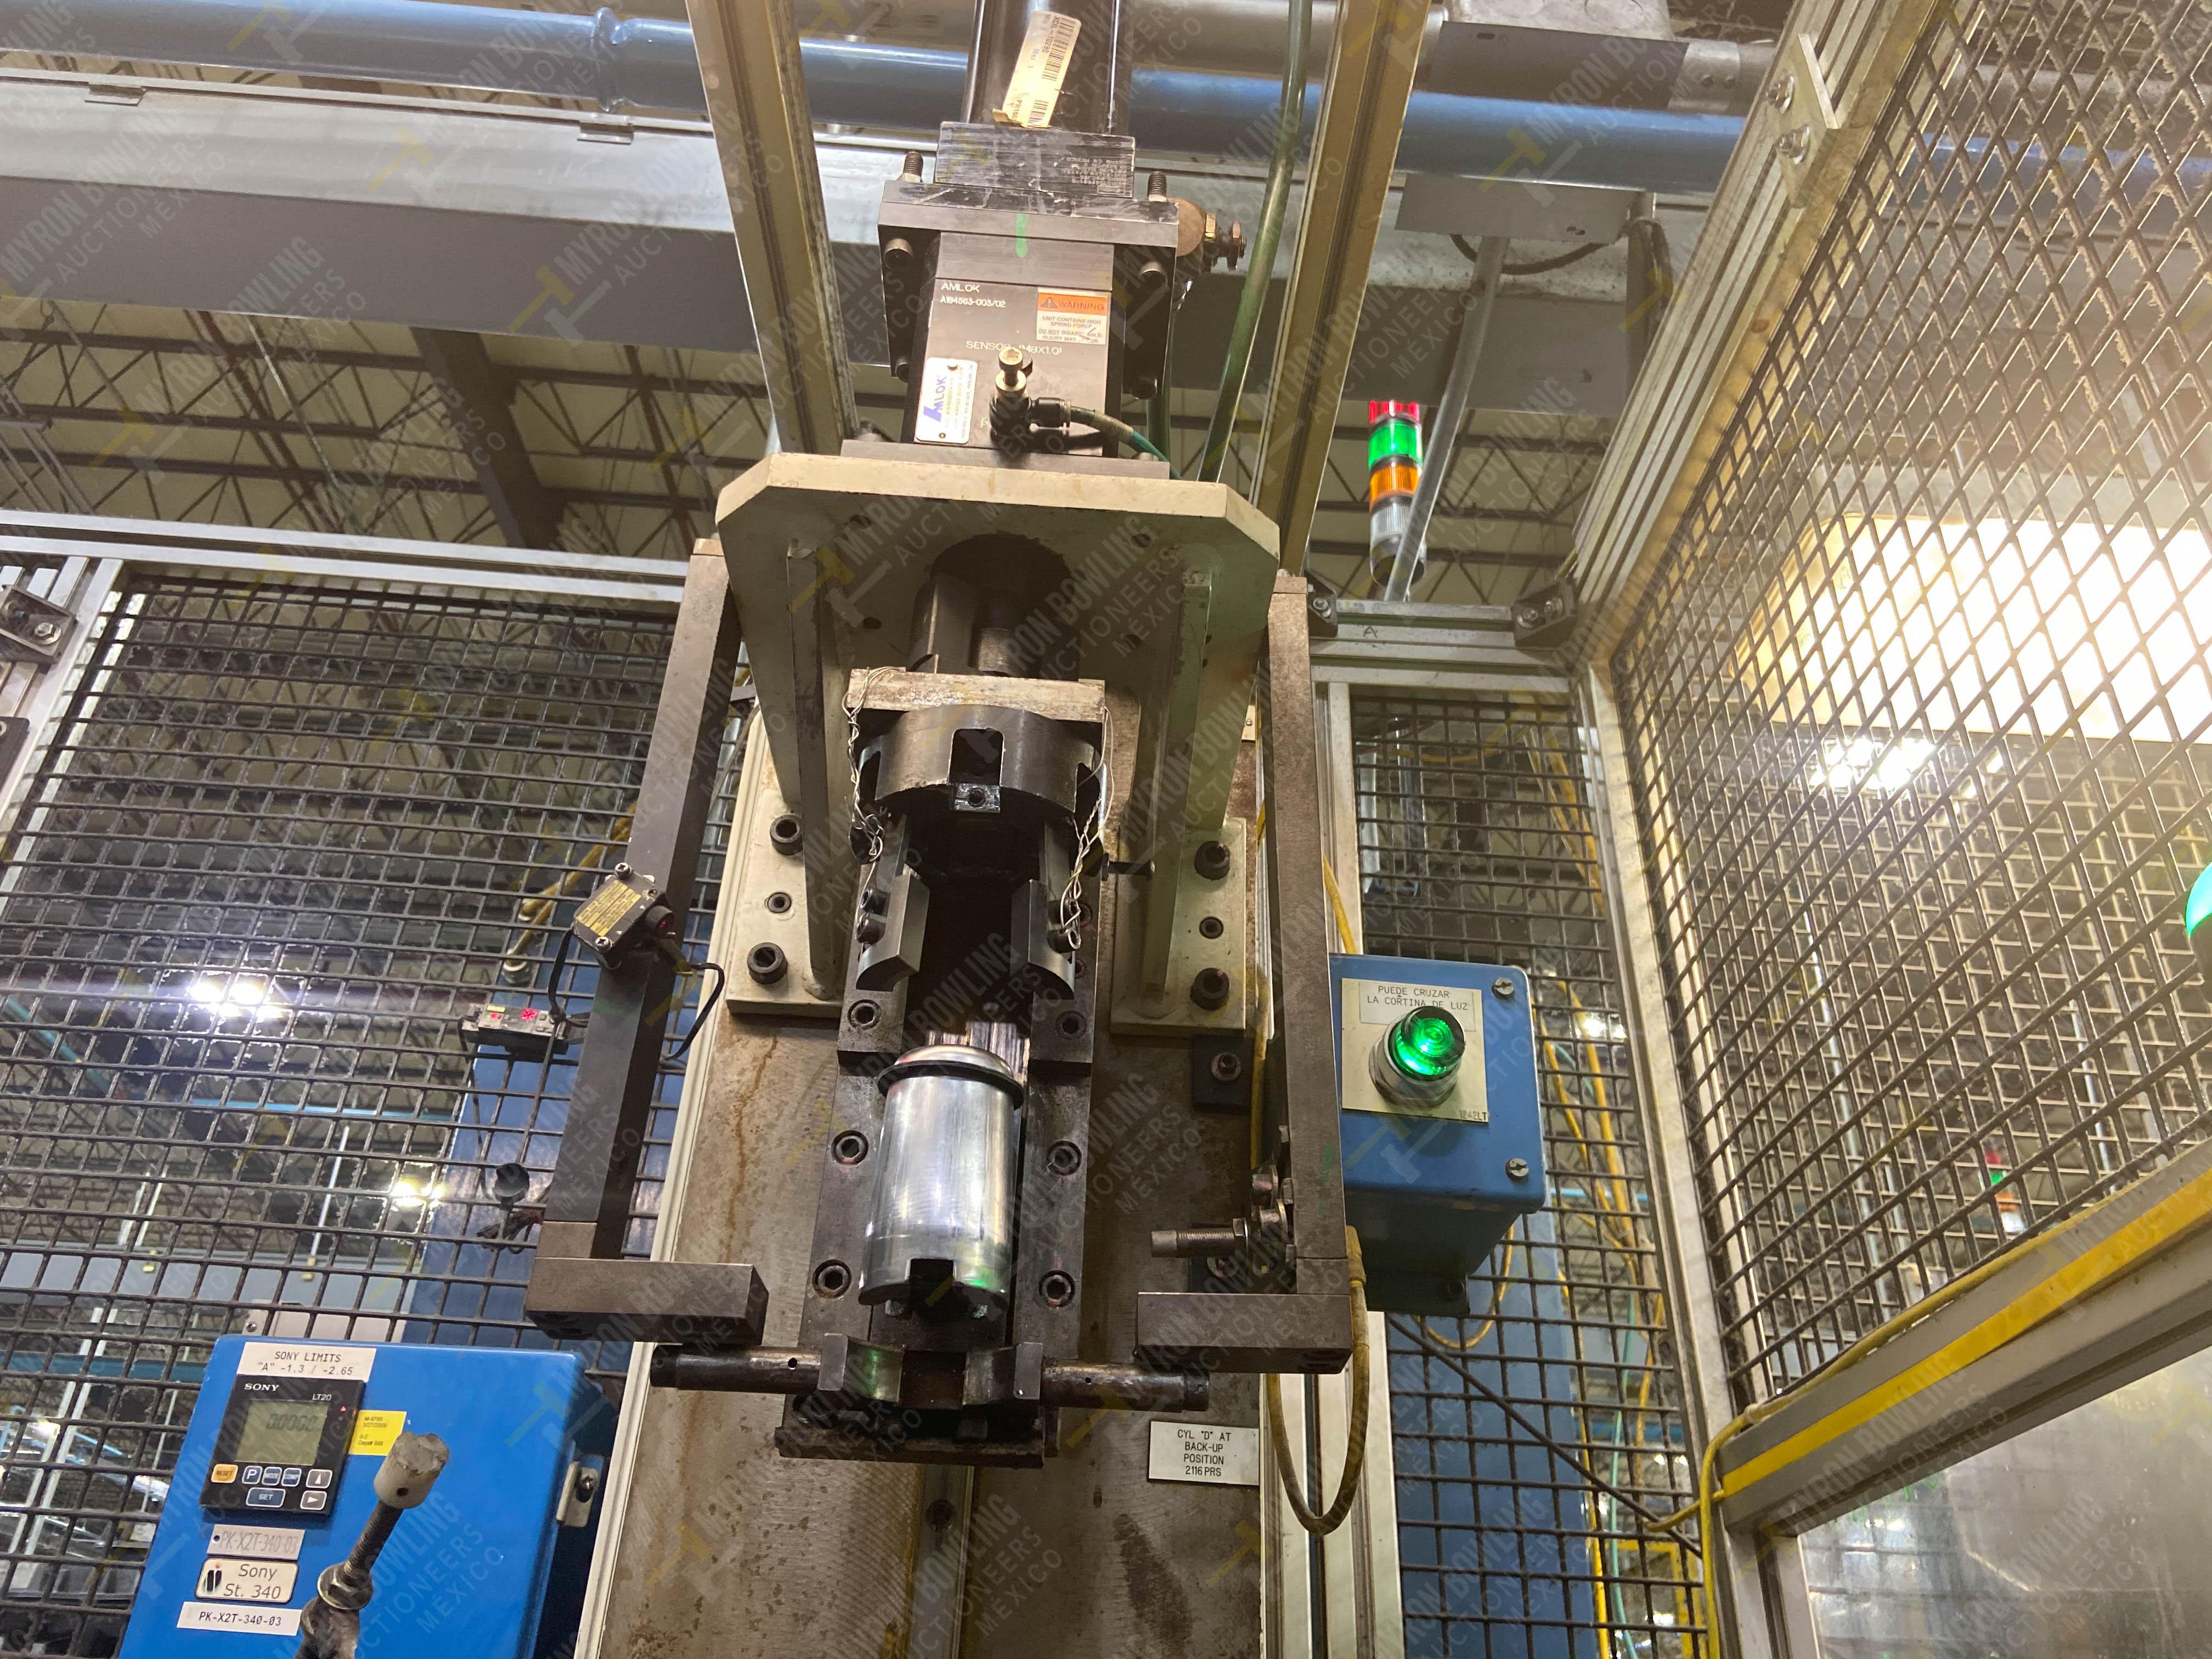 Estación semiautomática para operación 340, contiene: Prensa en estructura de placa de acero - Image 9 of 32